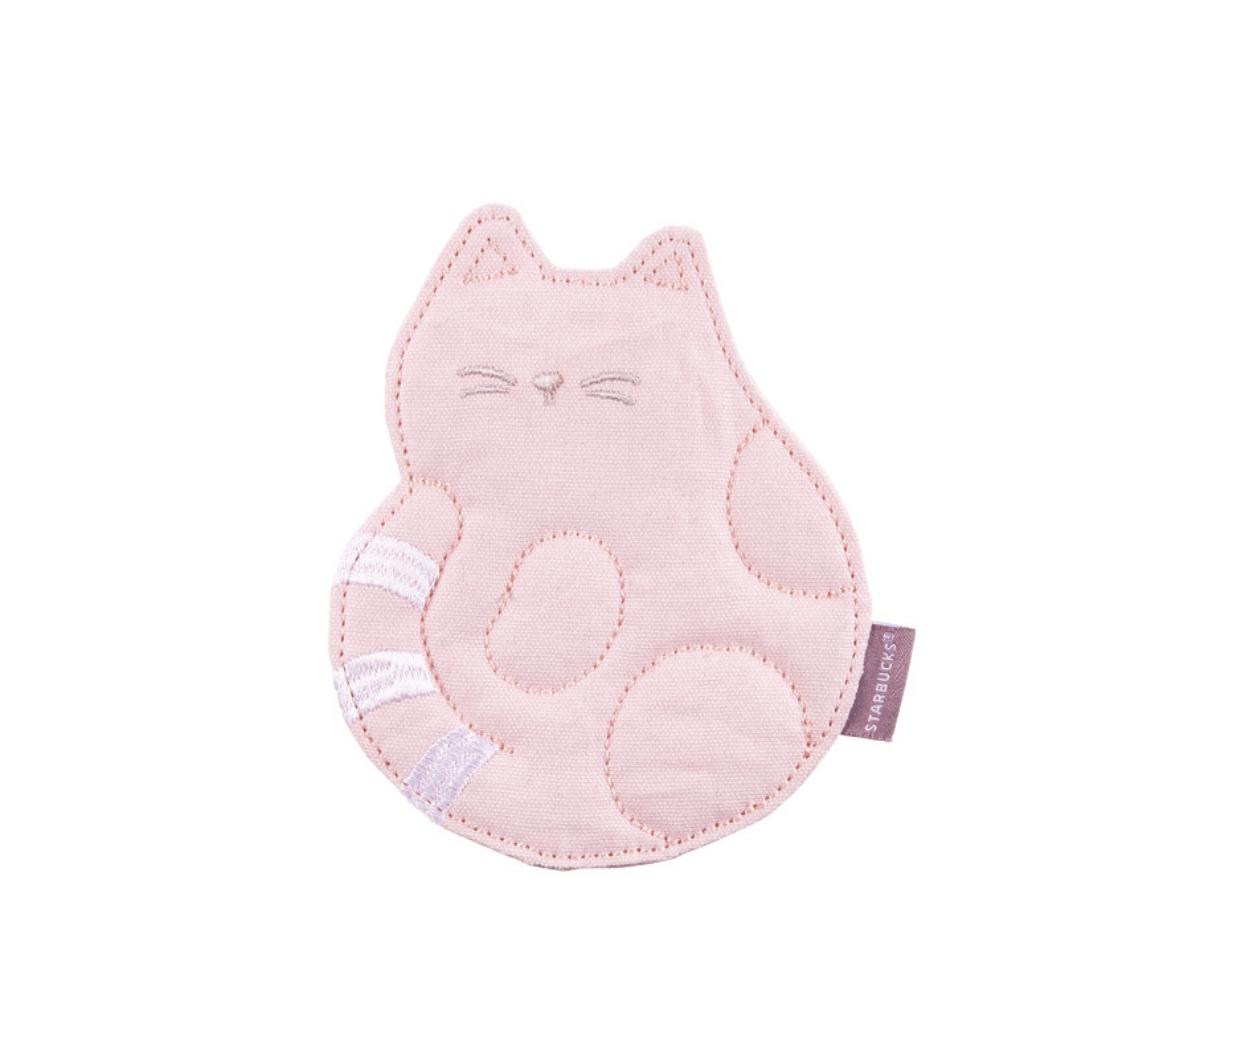 キャット ピンク コースター